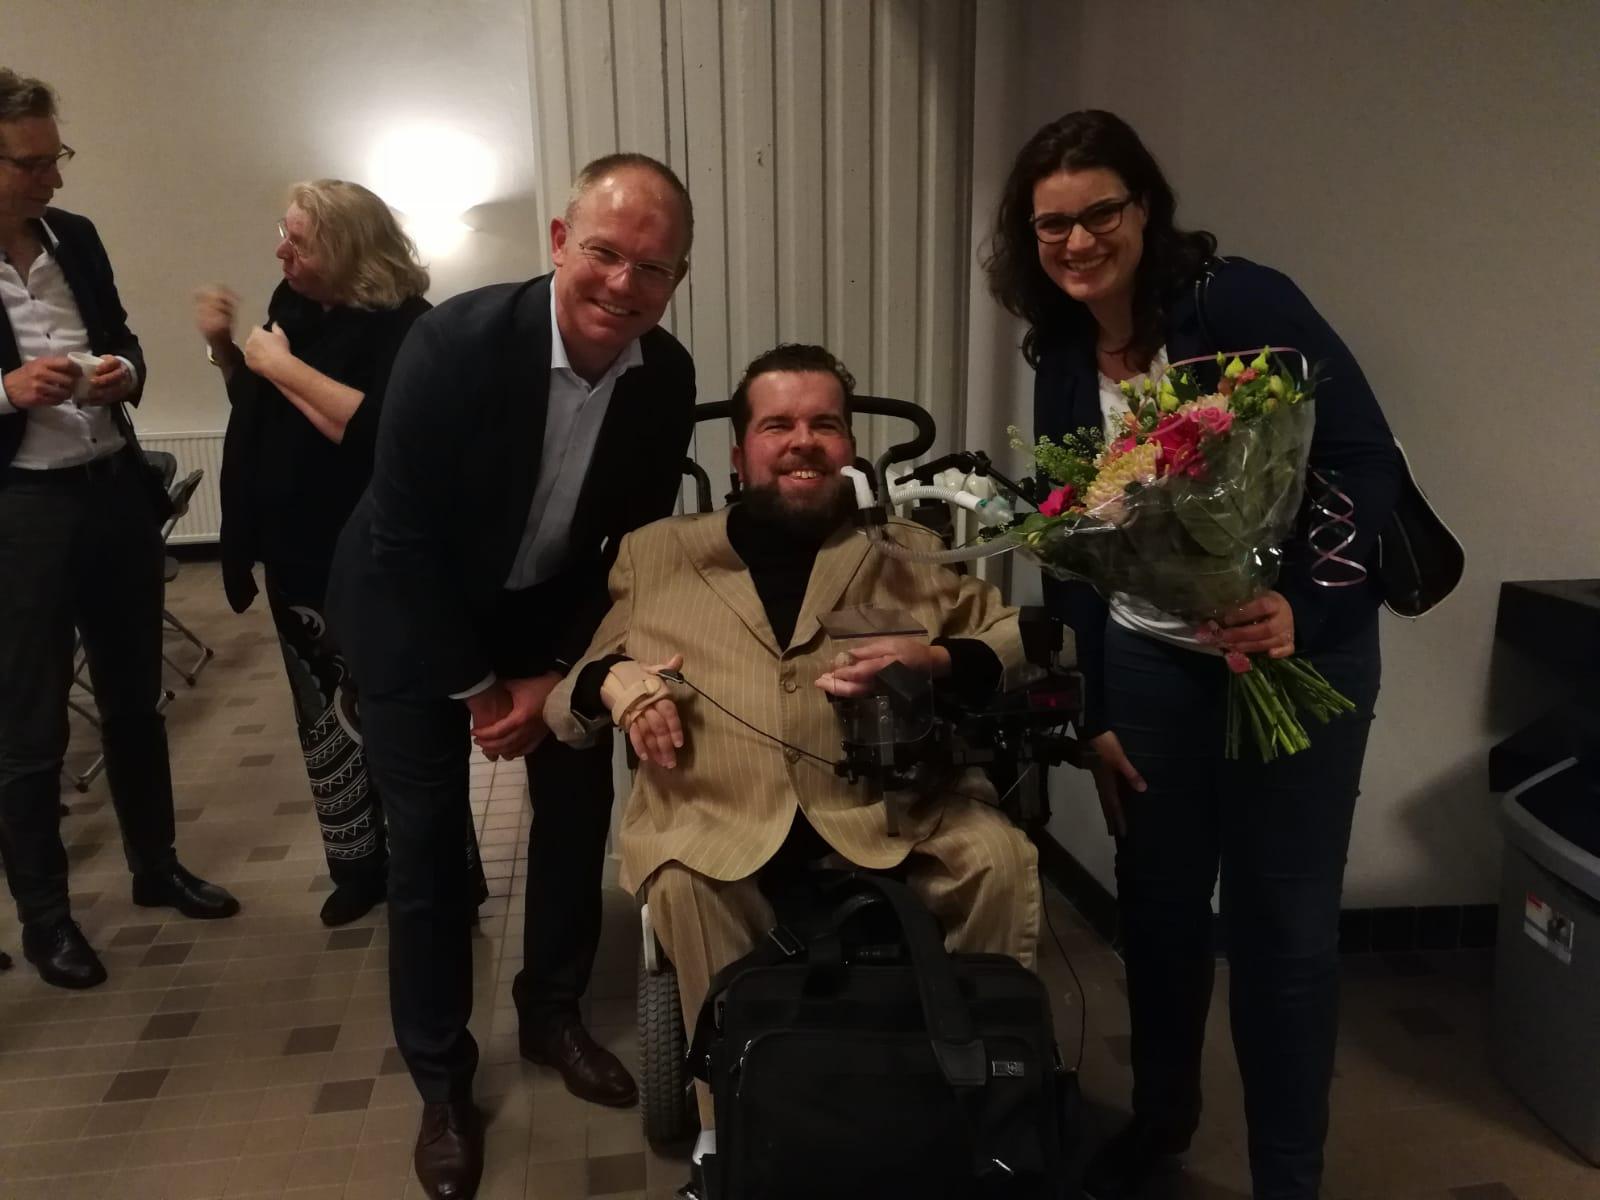 Niels Honig Joost Nauta Loes Kwint van Dooren